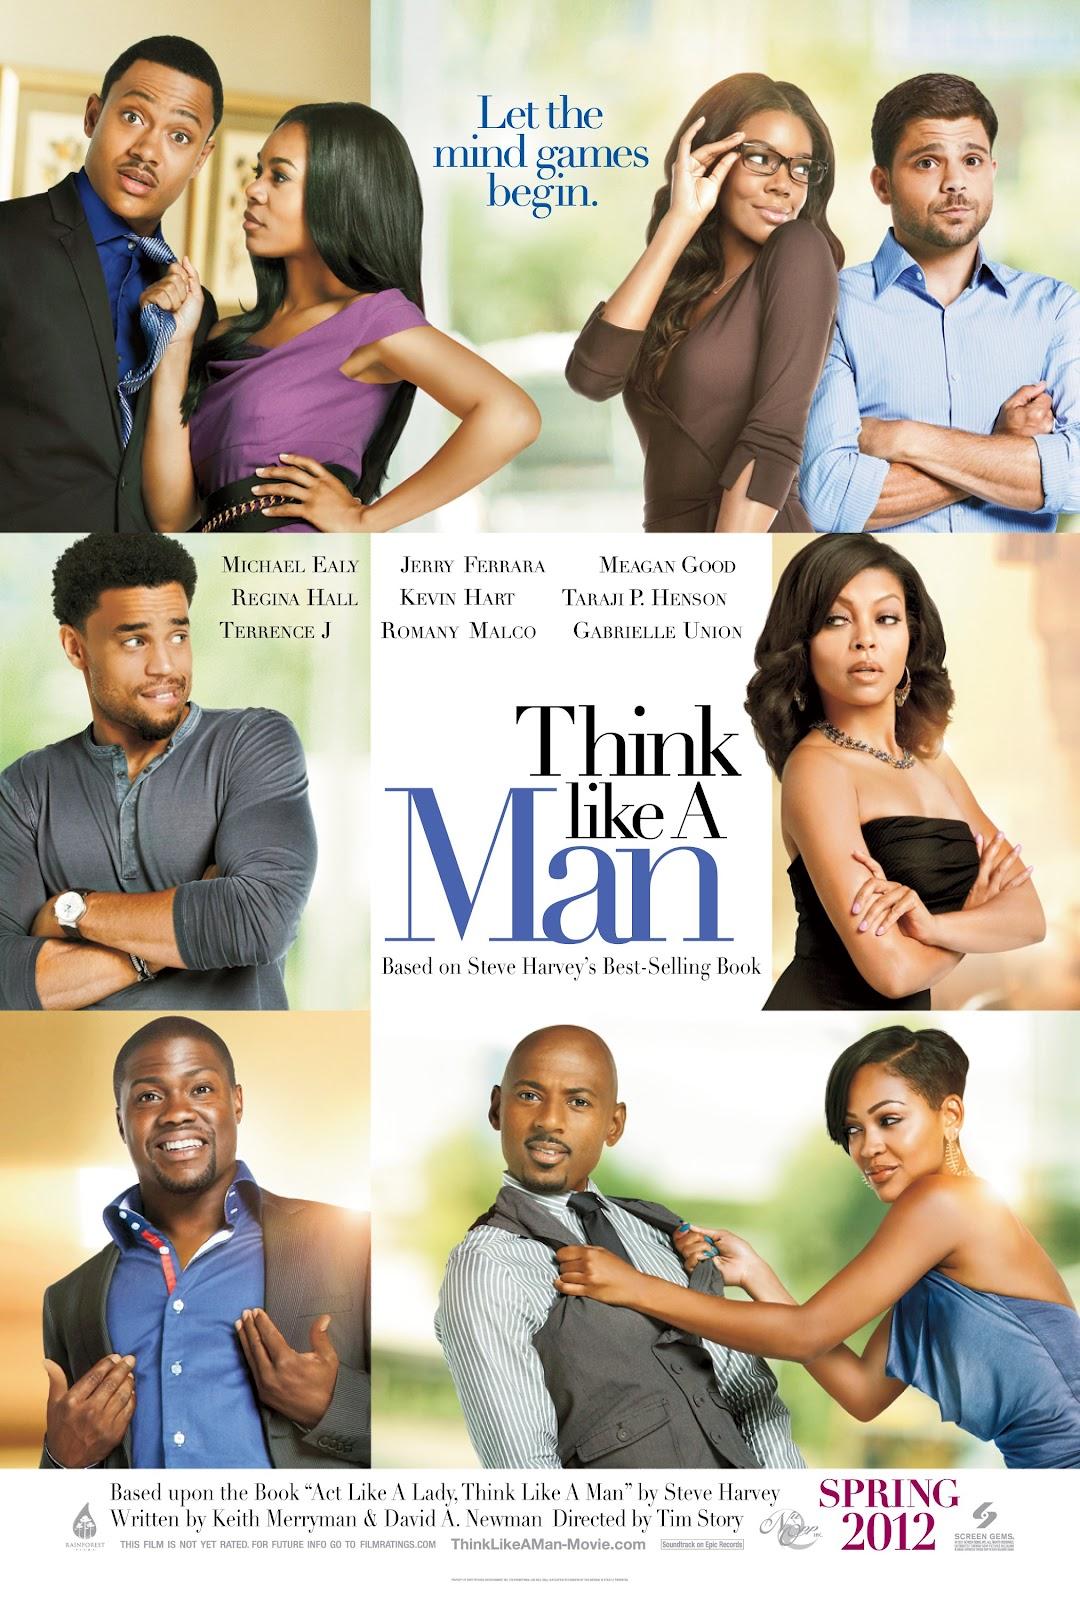 http://2.bp.blogspot.com/-HXQwML75cGY/T2ZQAtoEAII/AAAAAAAABF8/hmcEdFSRcSc/s1600/Think+Like+A+Man.JPG